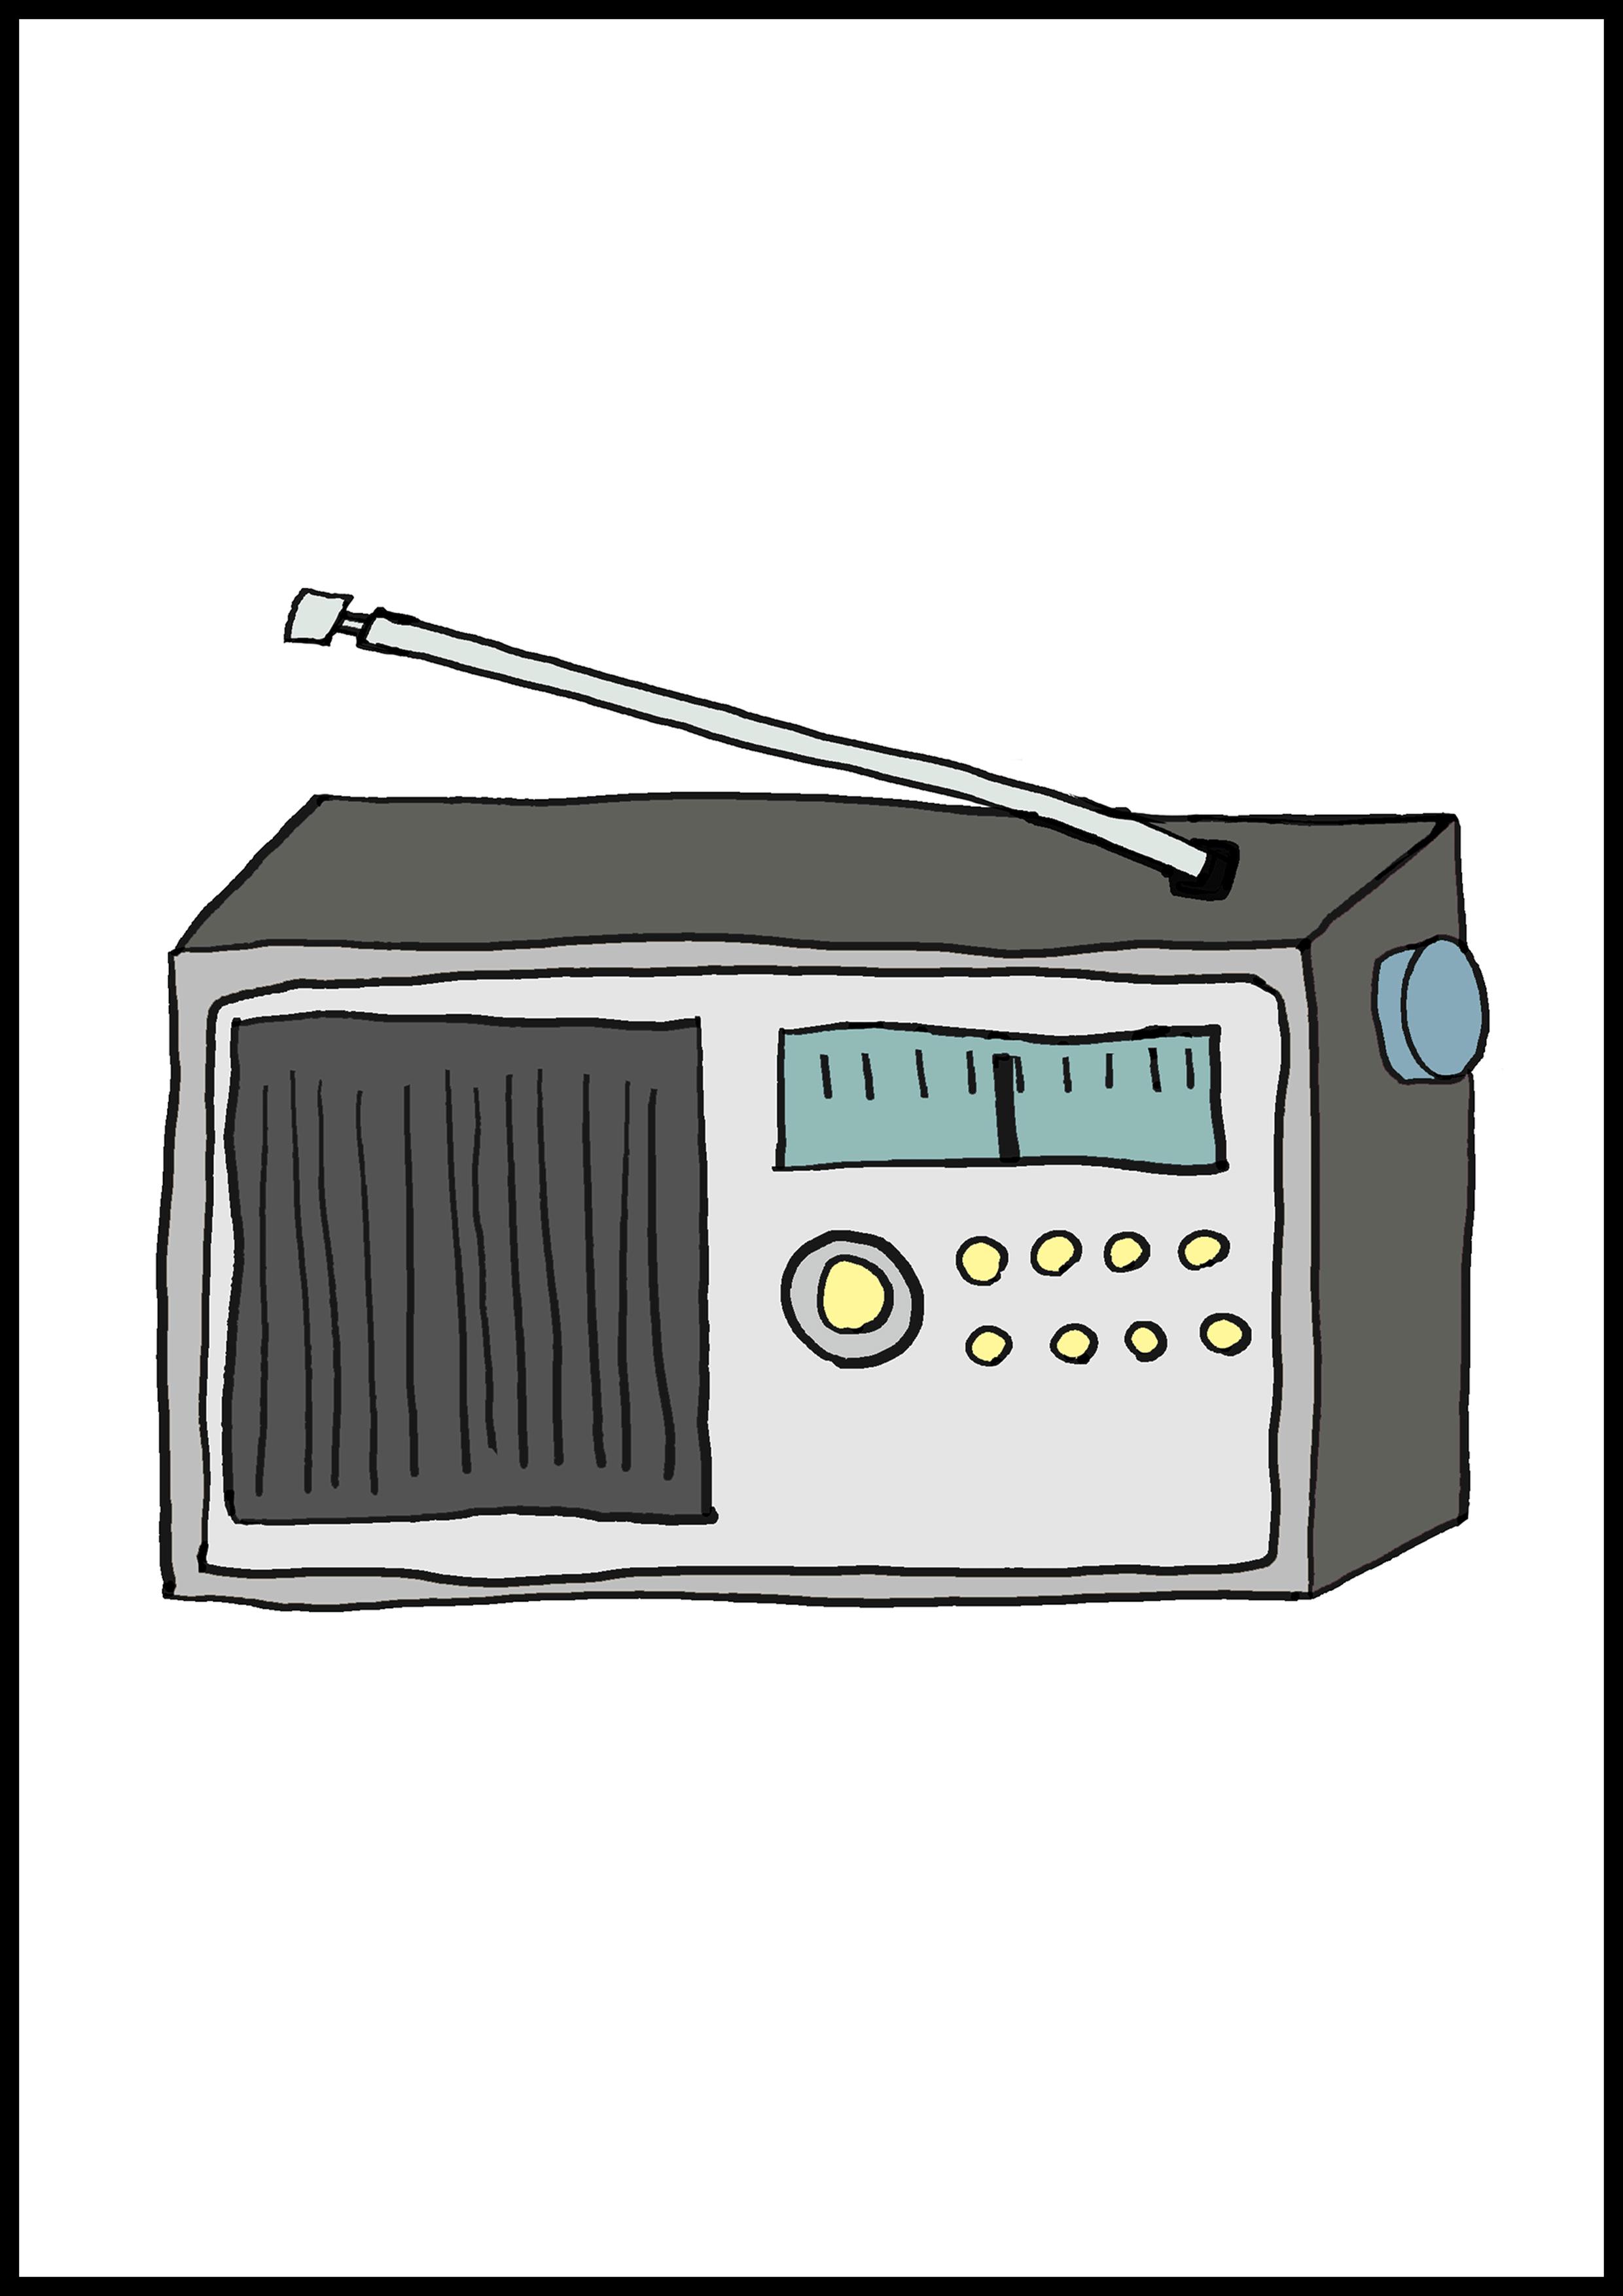 カルタイラスト【ラジオ】